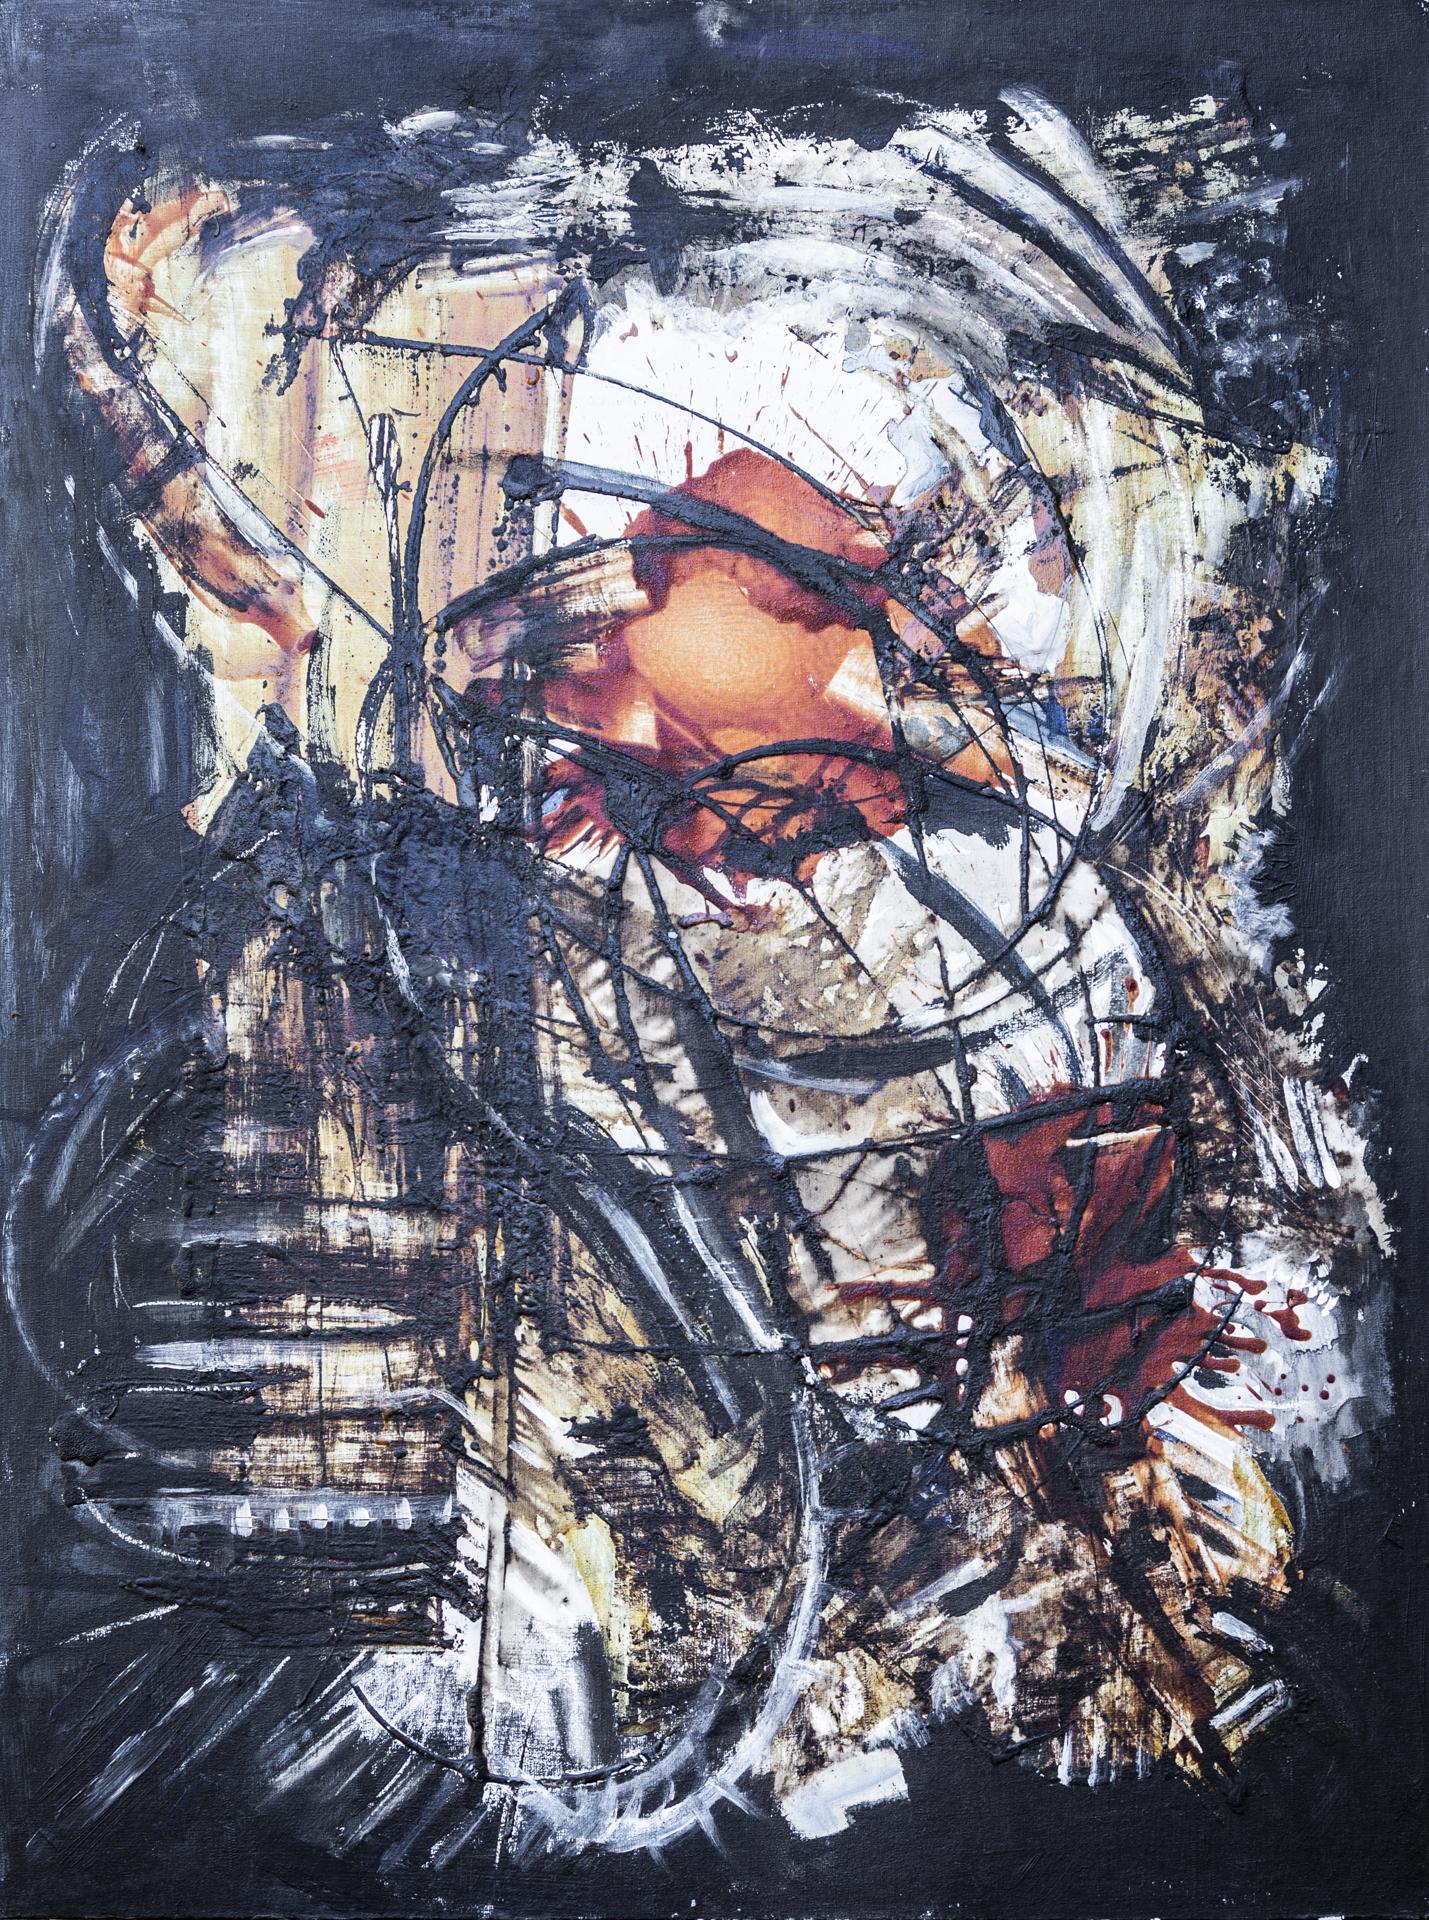 pinturas-obras-de-arte-maximiliano-borgia-018